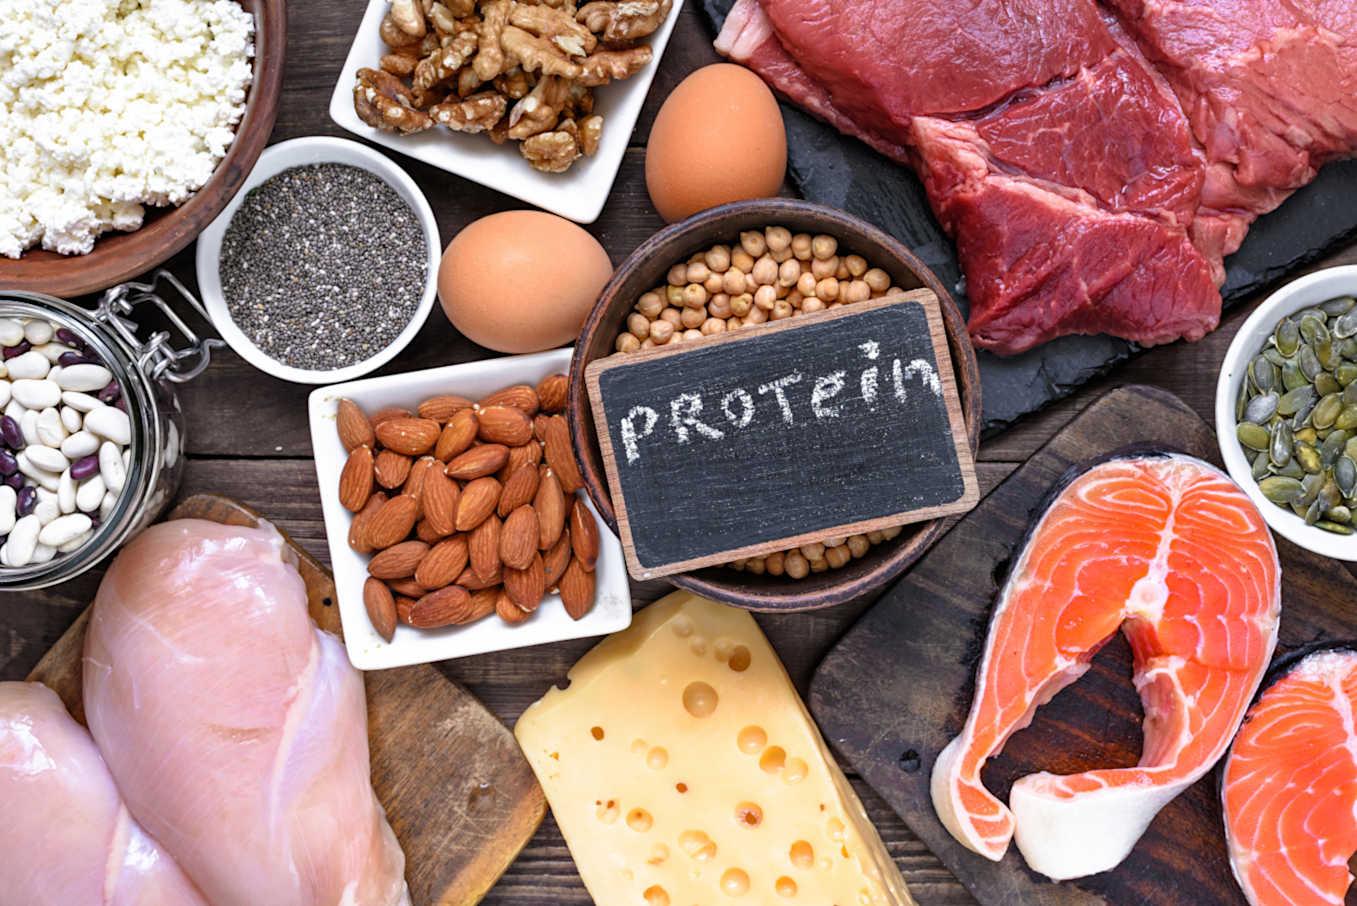 هل يزيد النظام الغذائي عالي البروتين خطر النوبات القلبية؟ - اتباع نظام غذائي غني بالبروتين لفقدان الوزن وبناء كتلة عضلية - اللويحات الشريانية